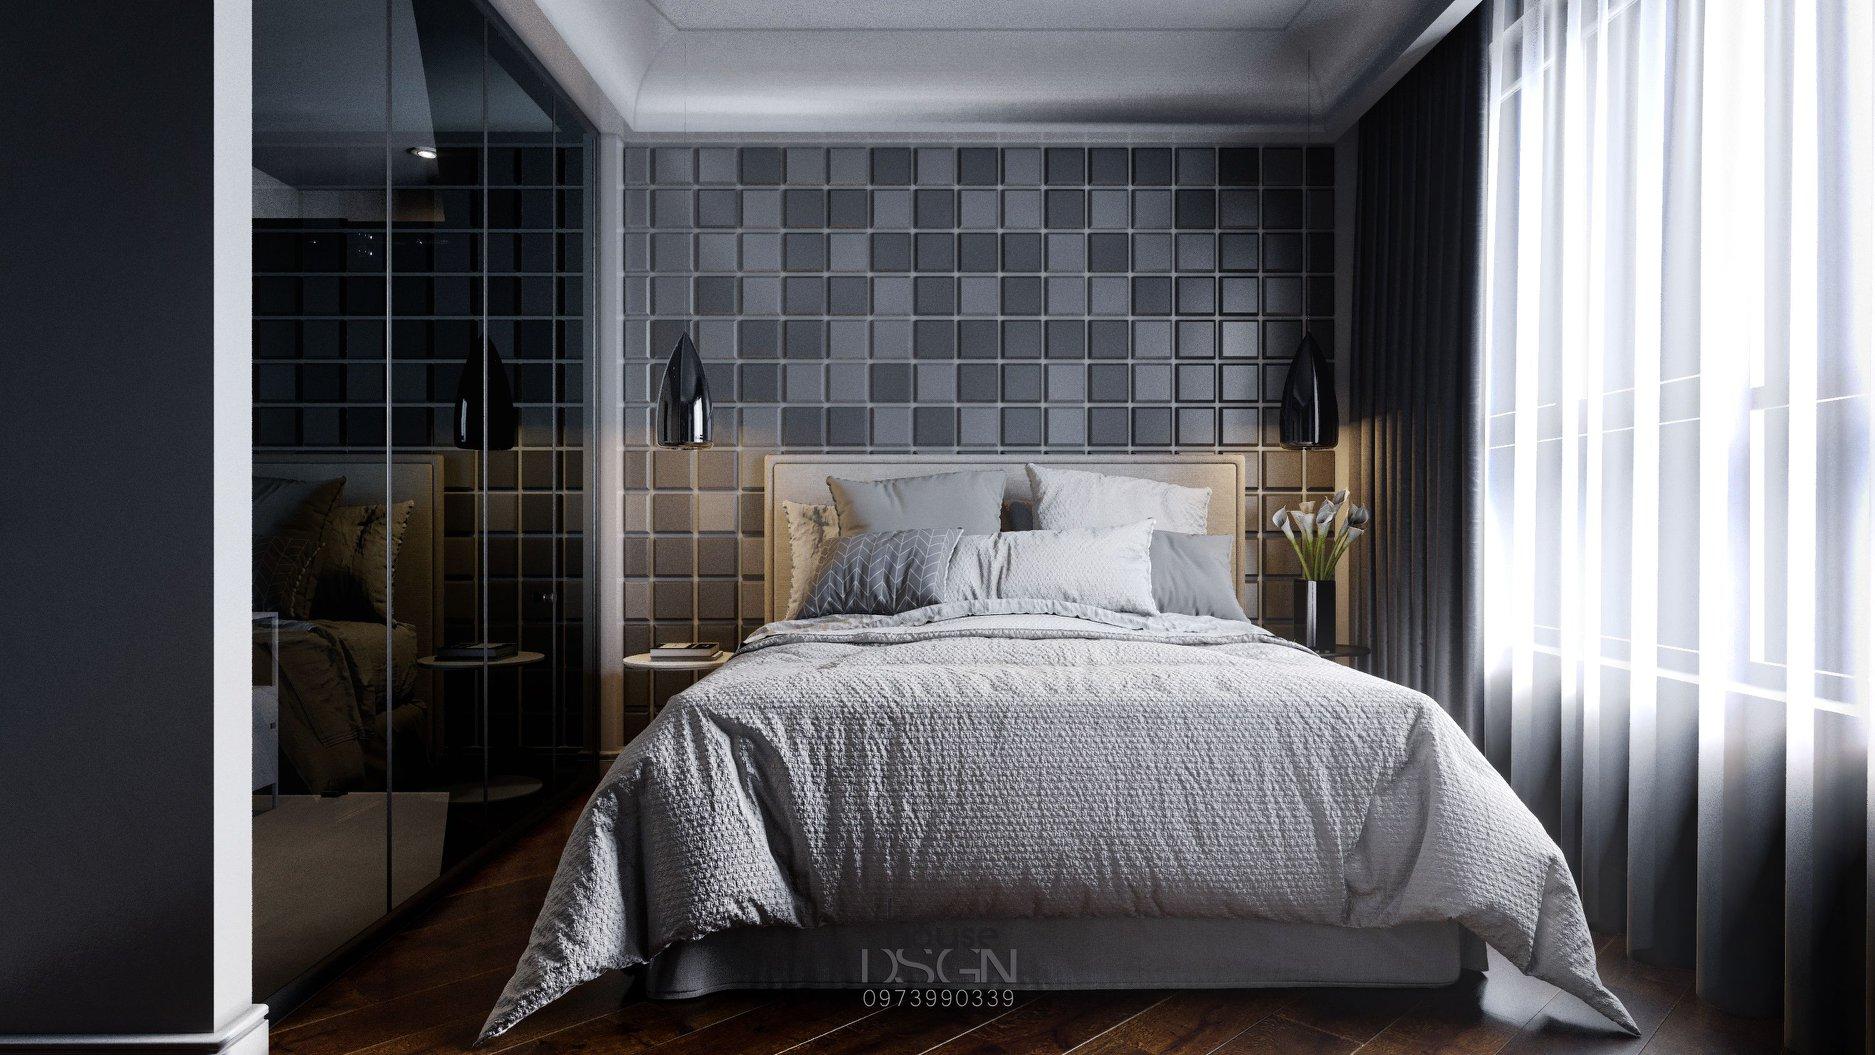 thiết kế đồ nội thất cho khách sạn 4 sao đẹp - Housedesign